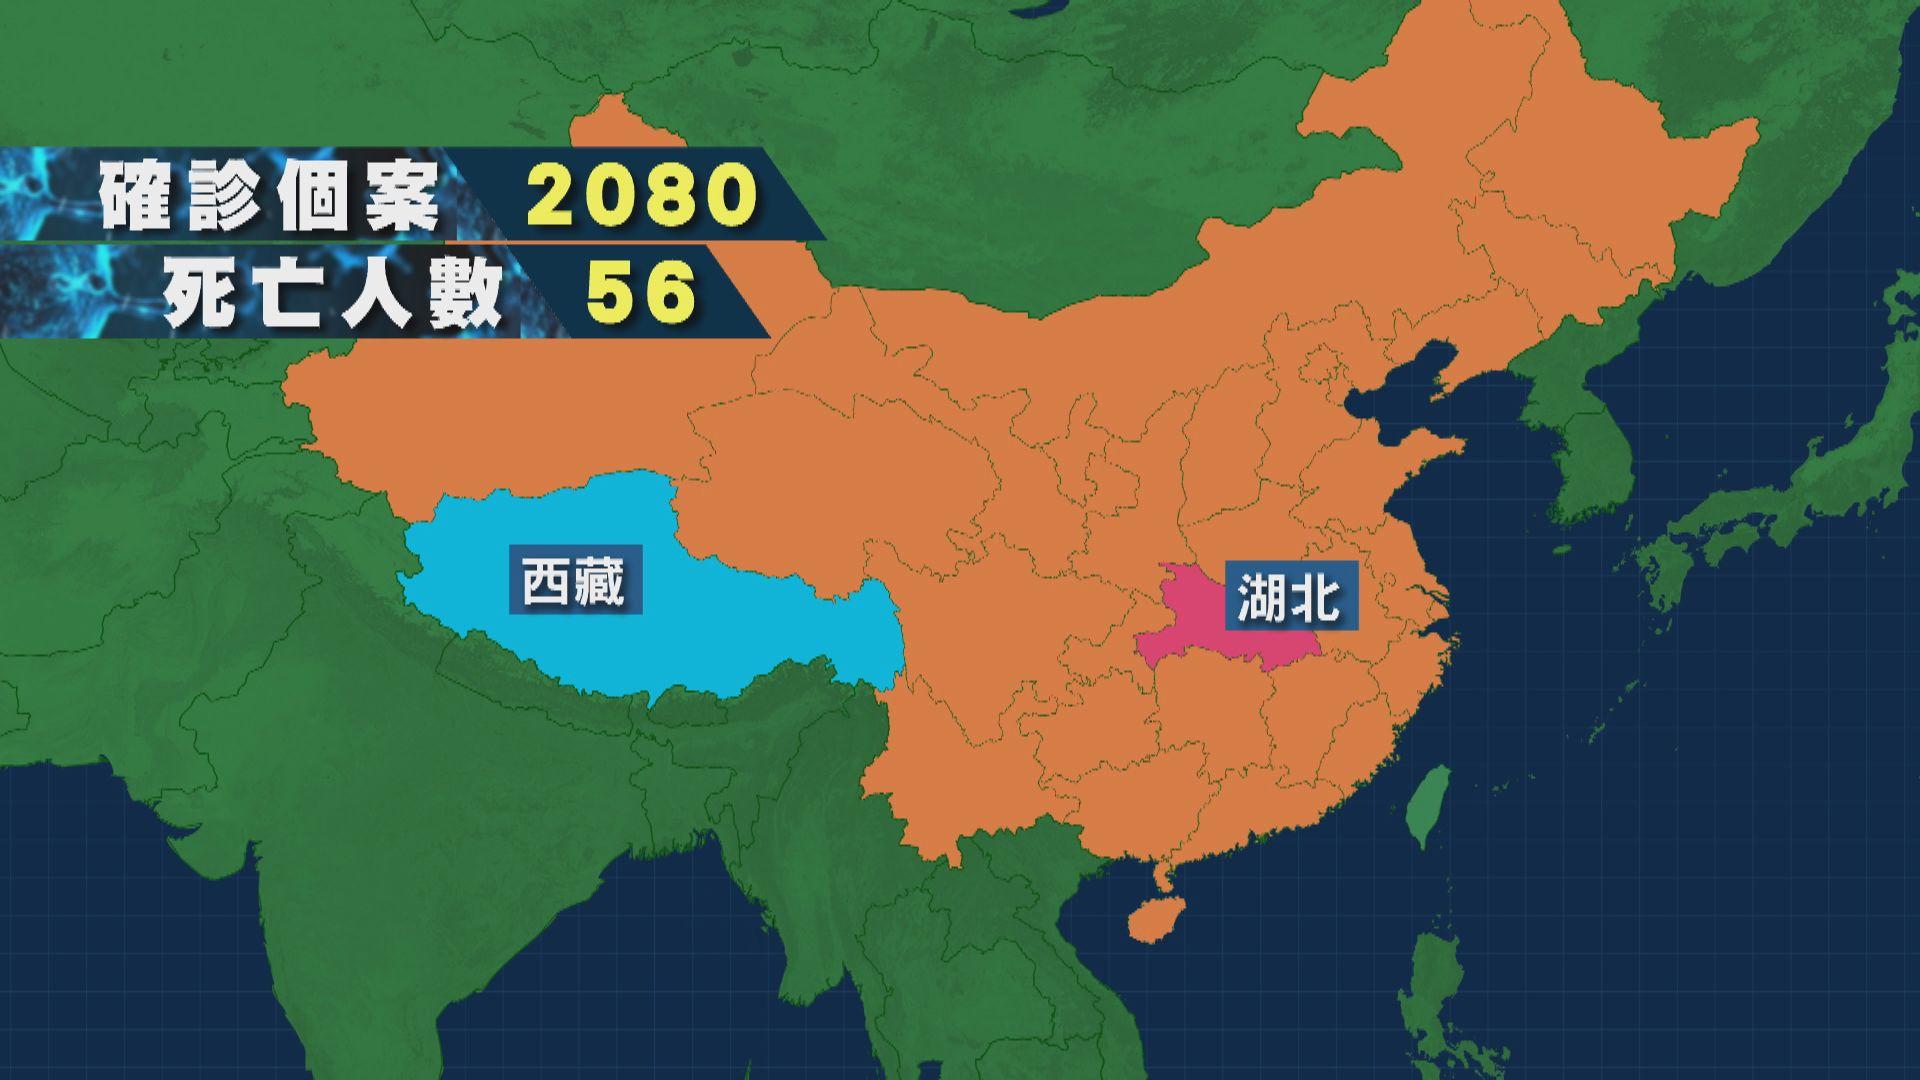 【新型肺炎】內地確診個案突破二千 春節假期延至周日